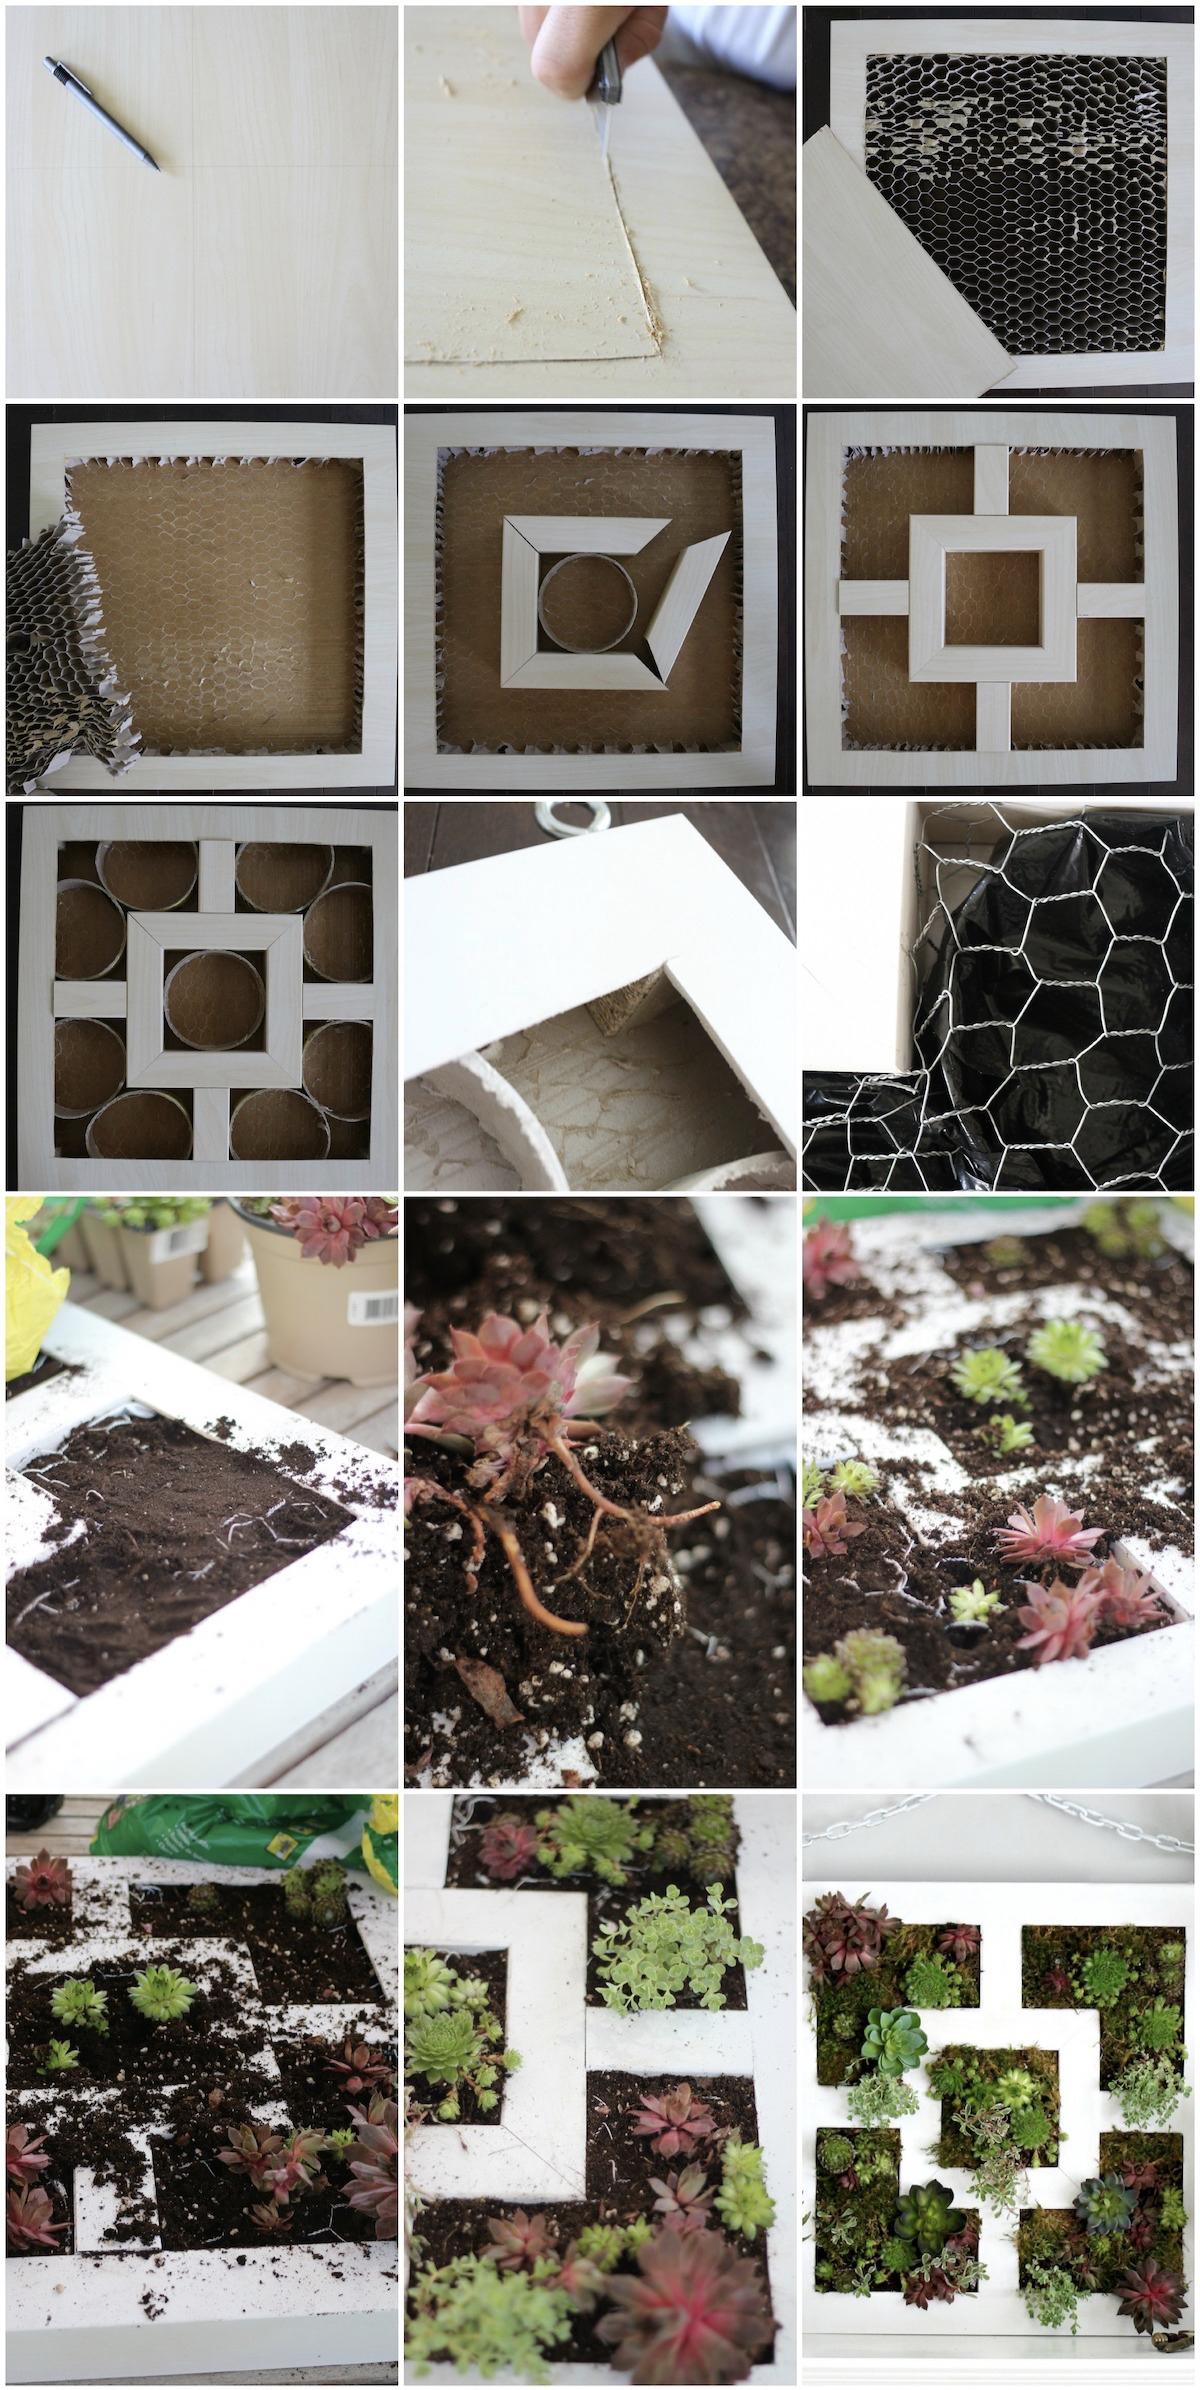 créer un tableau mur de plantes pour l'intérieur - blog déco - clem around the corner